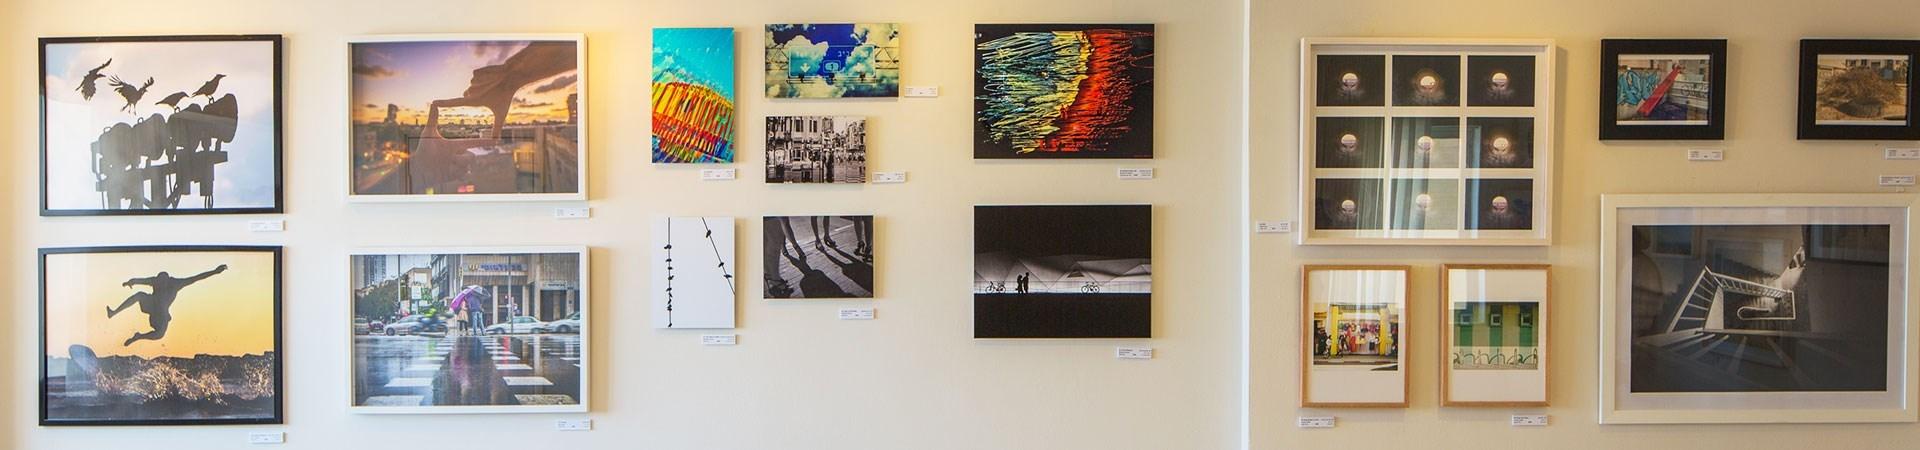 גלריה לאומנות פרימה תל אביב